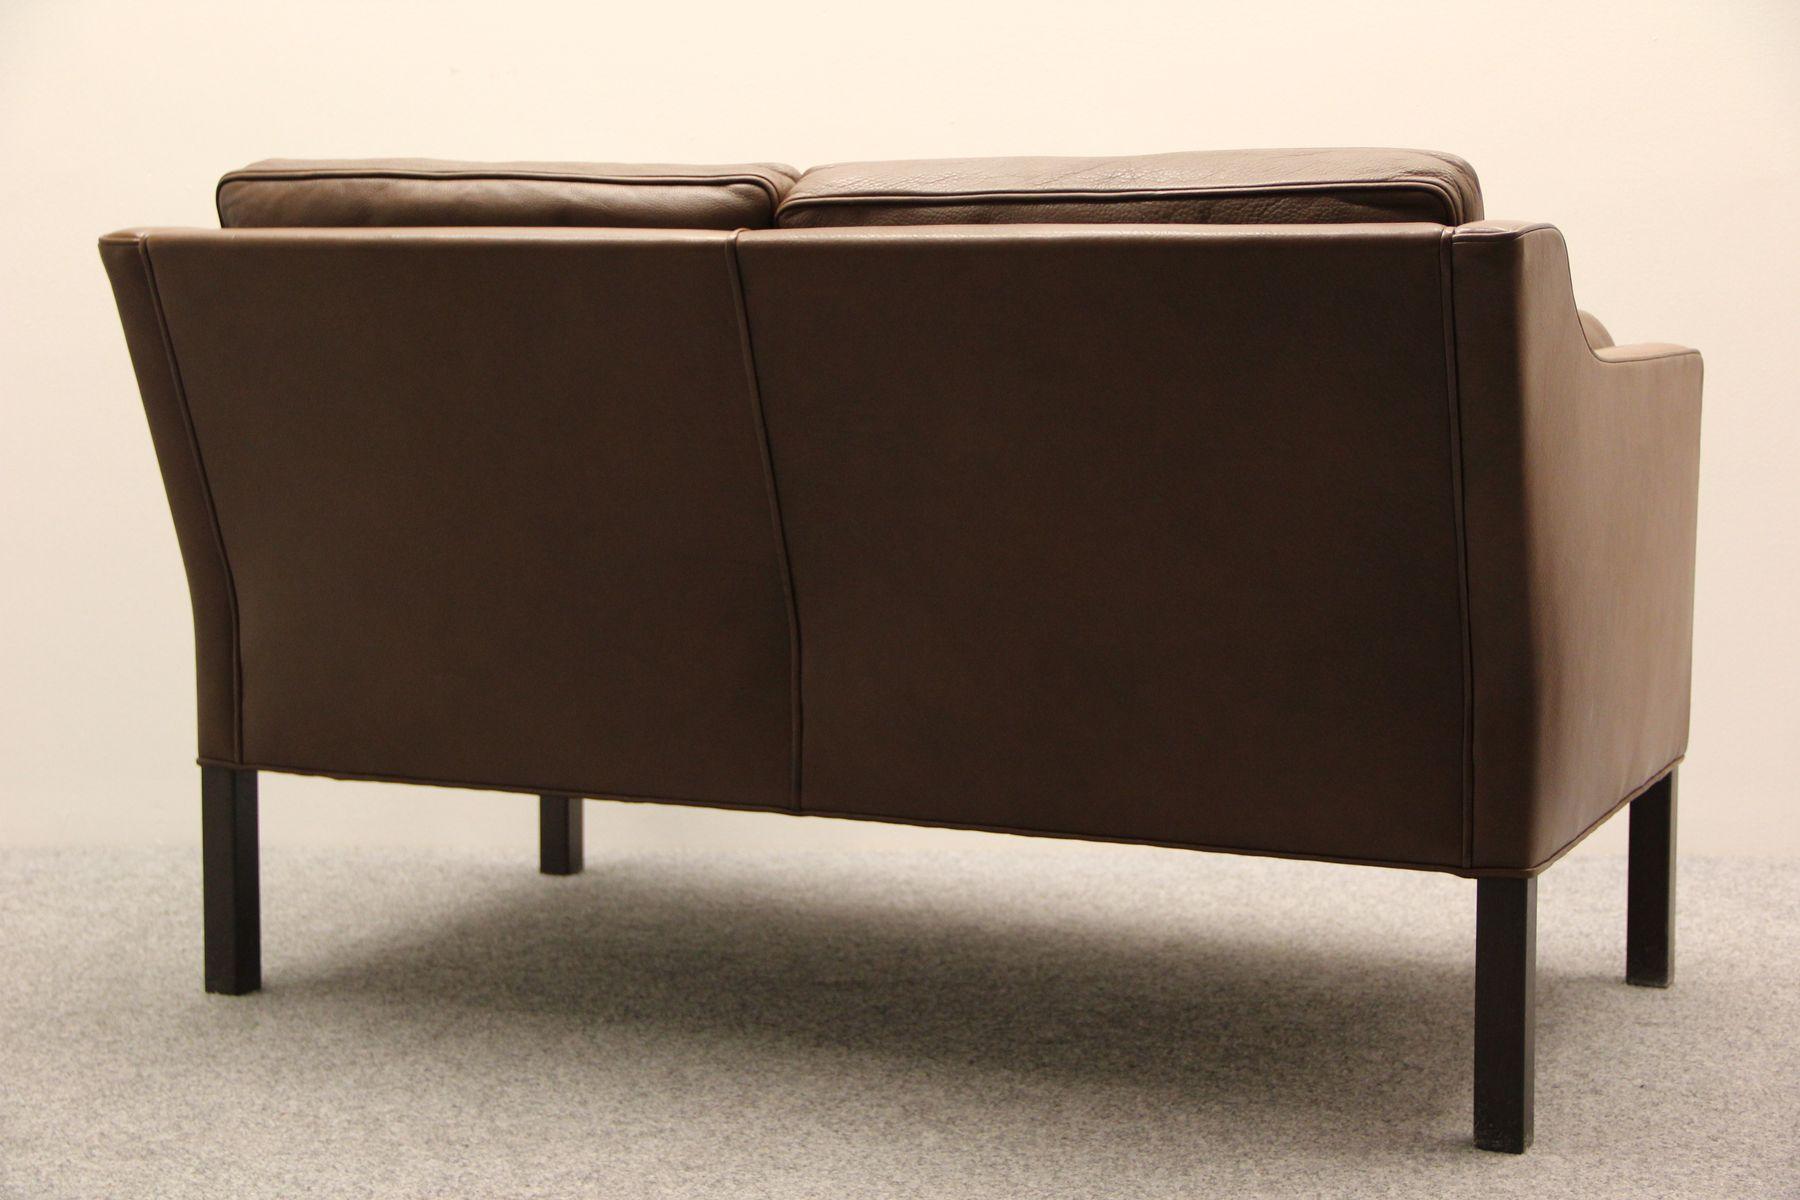 bm 2422 zwei sitzer sofa von b rge mogensen f r fredericia stolefabrik 1983 bei pamono kaufen. Black Bedroom Furniture Sets. Home Design Ideas